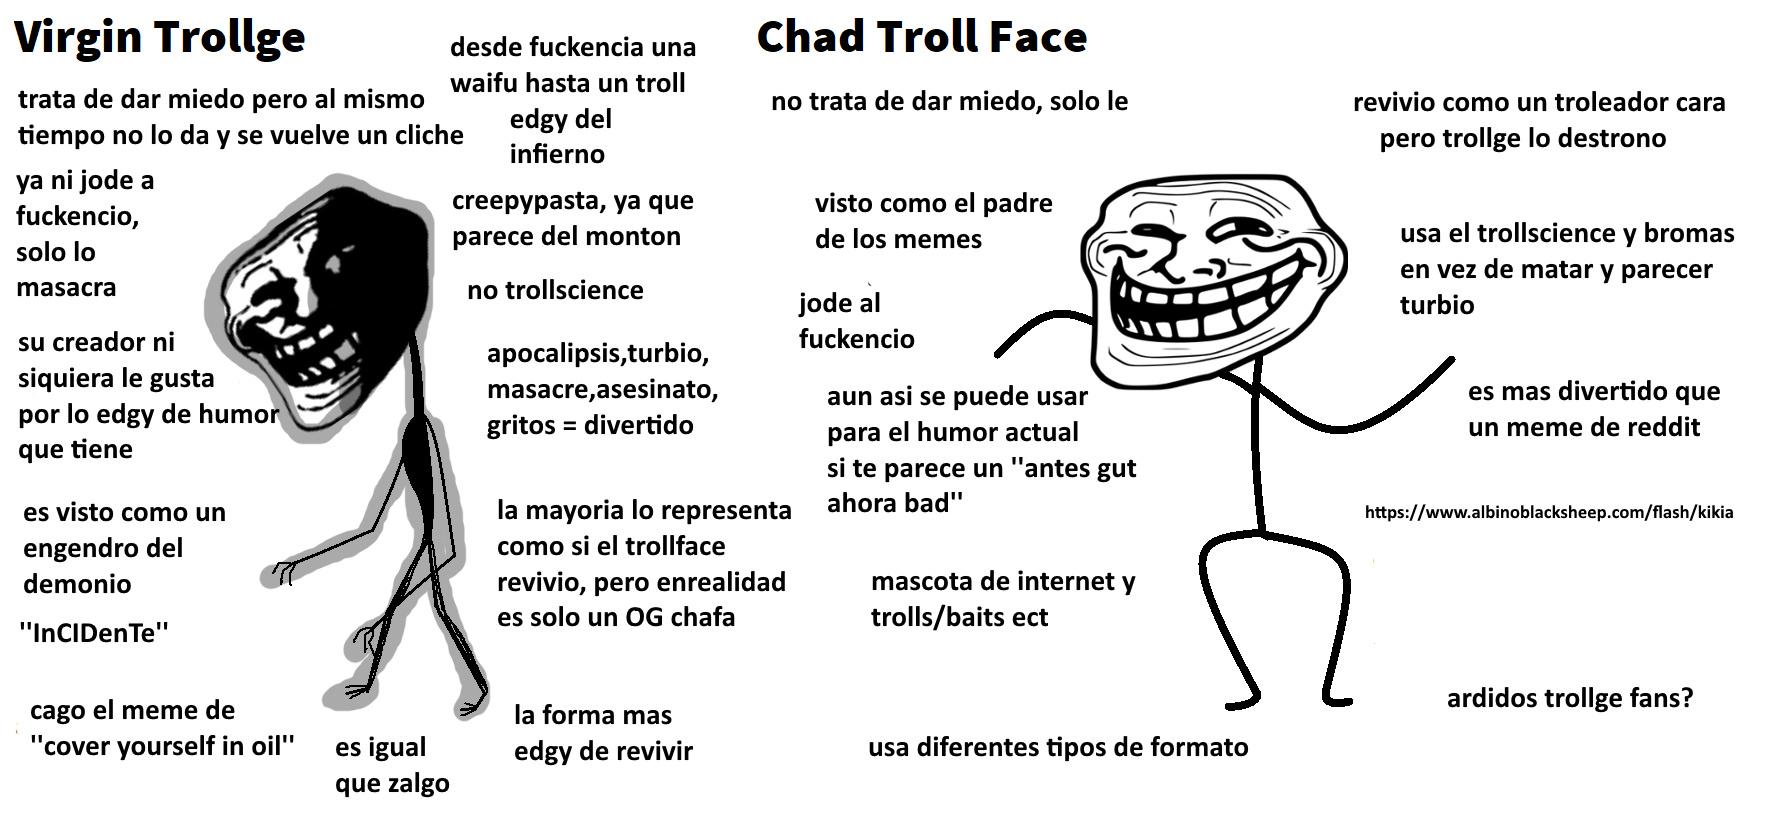 acepten moderadores - meme